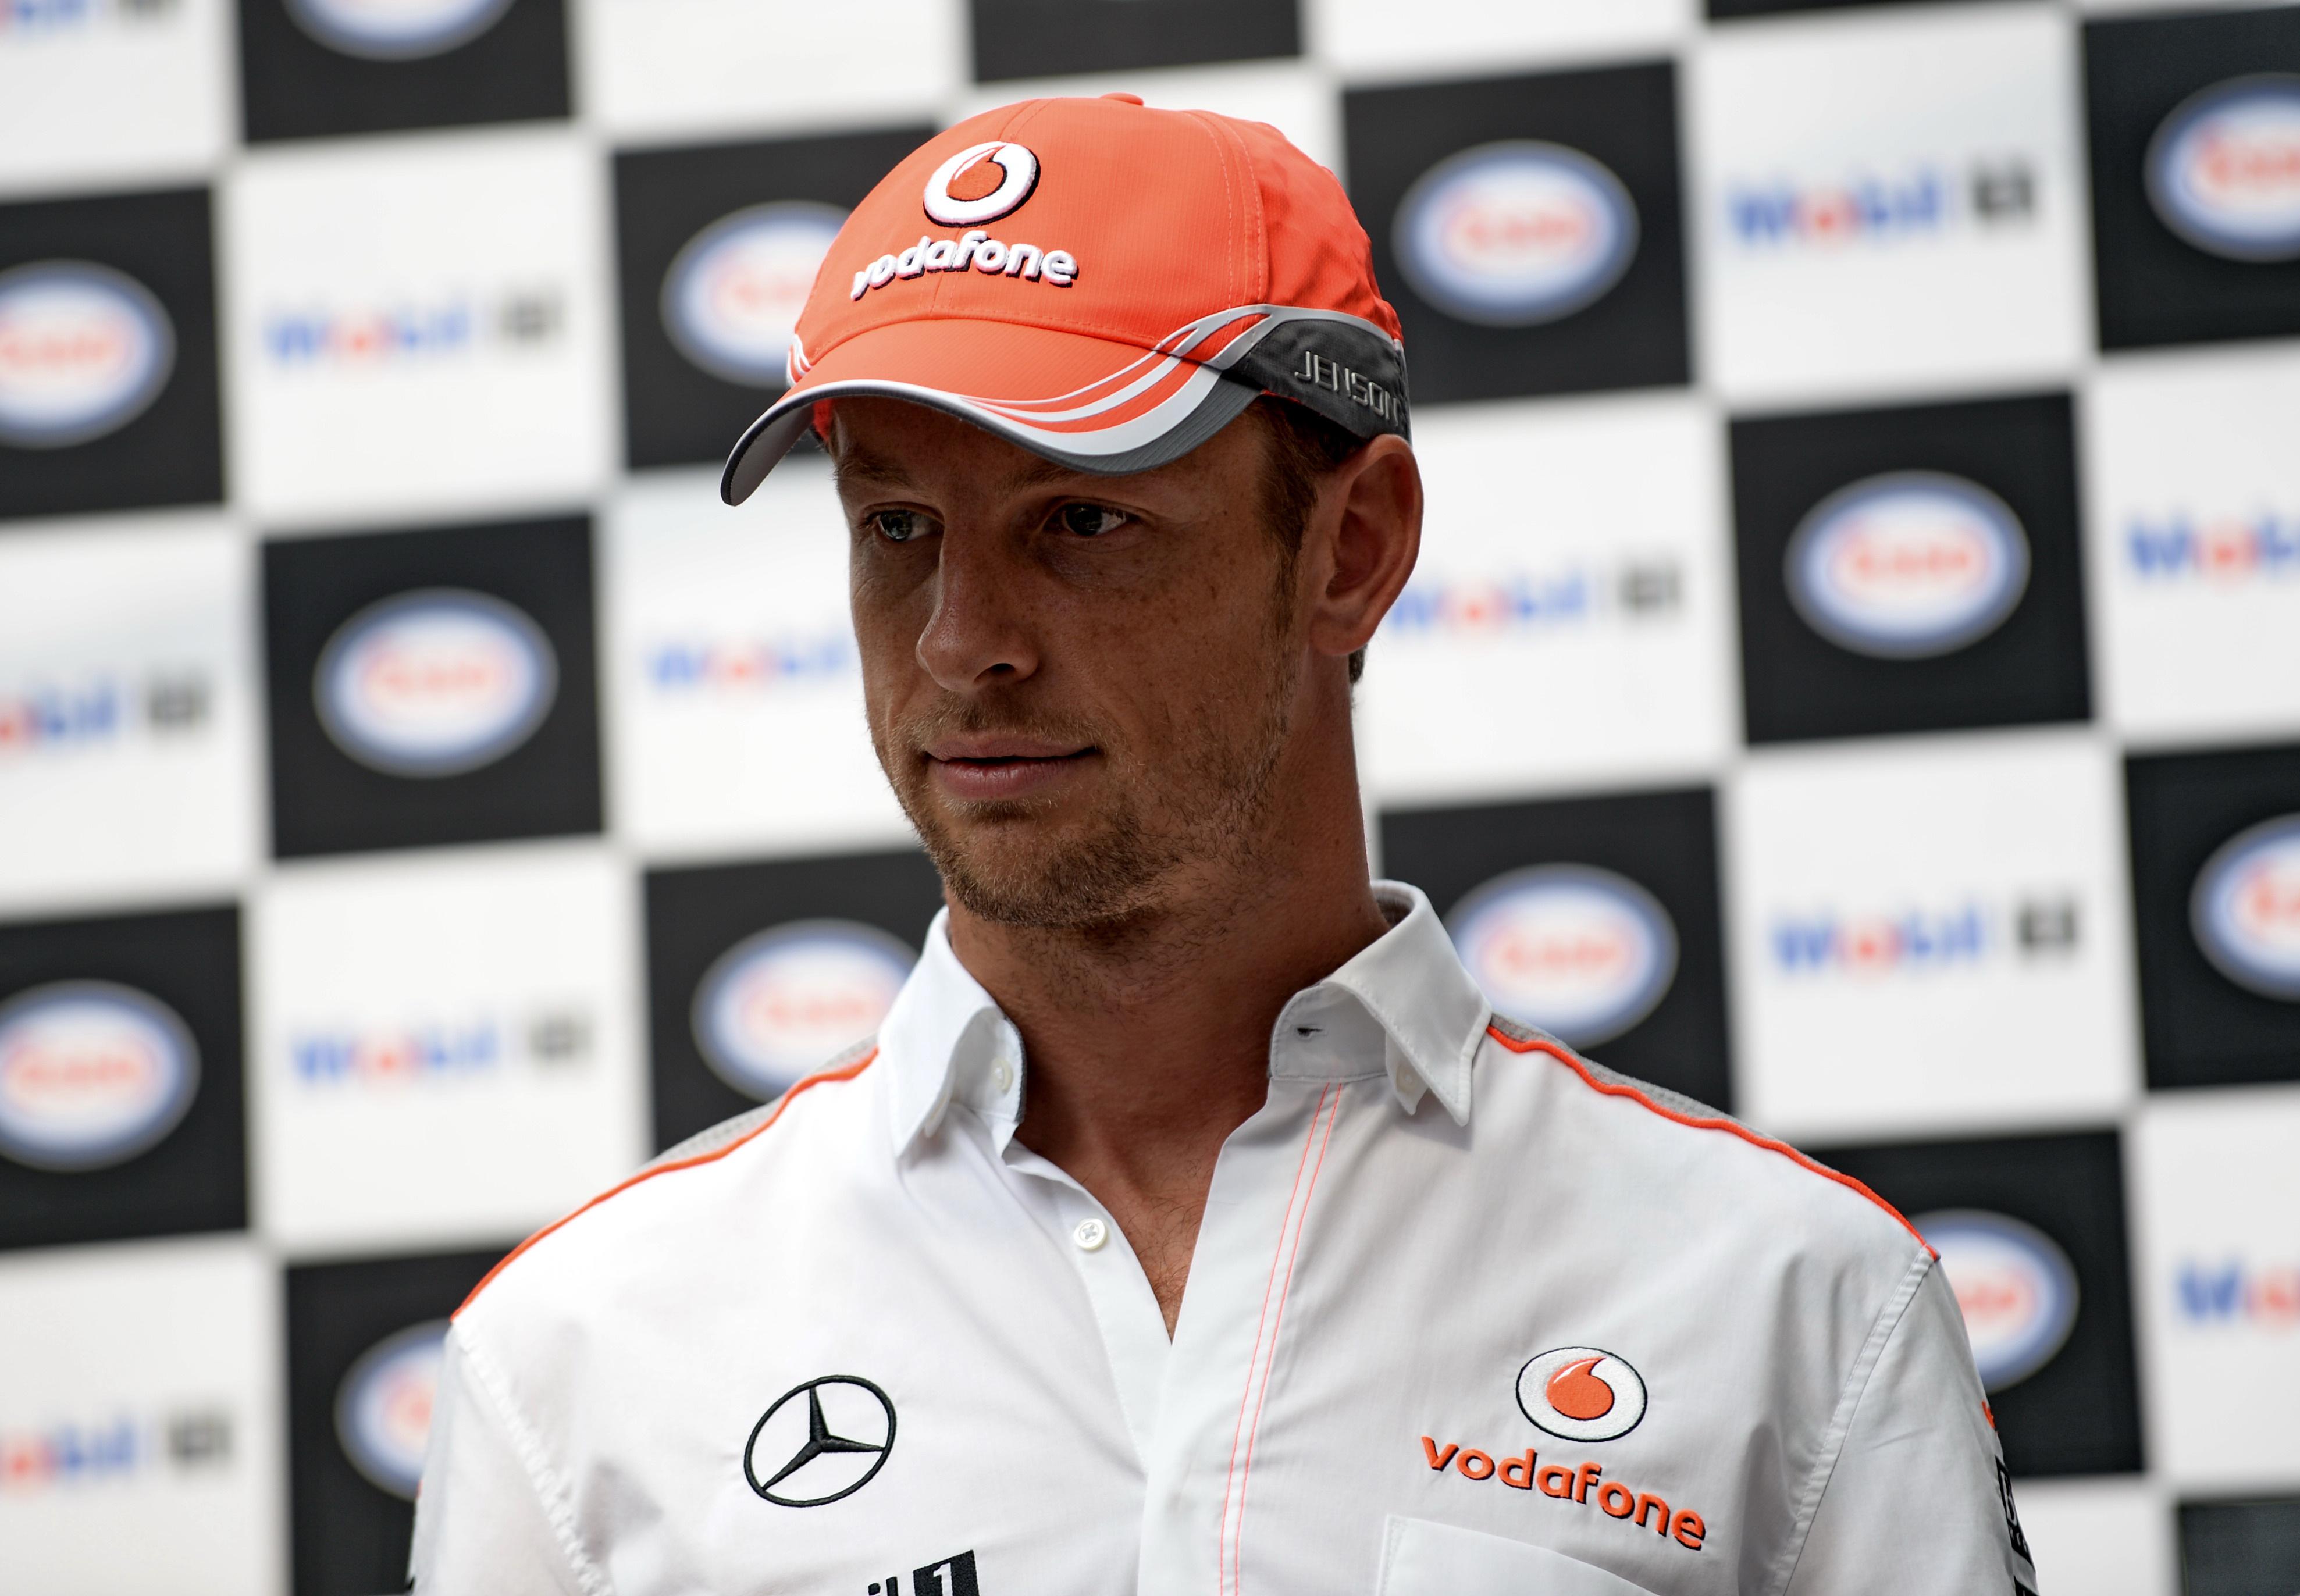 Jenson Button: McLaren must win a Grand Prix to save 'tough' season